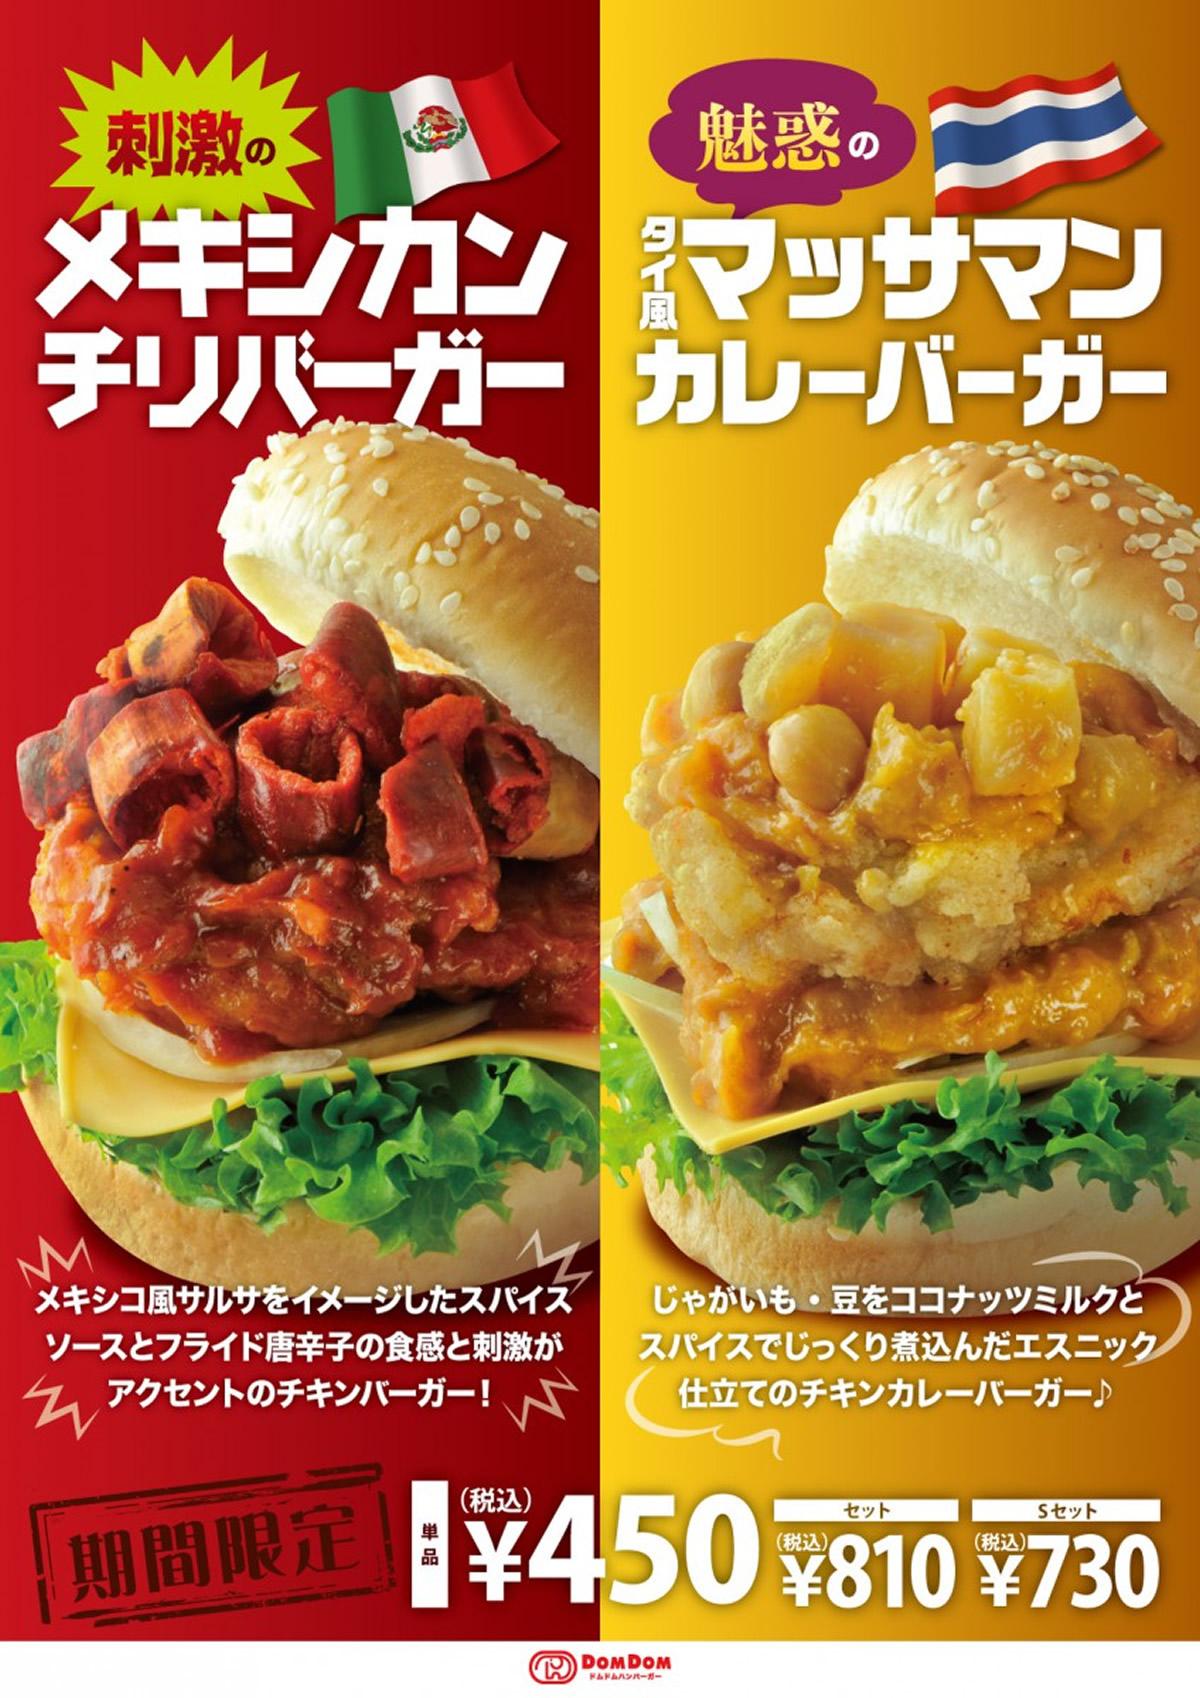 ドムドムハンバーガーで「魅惑のタイ風マッサマンカレーバーガー」期間限定販売